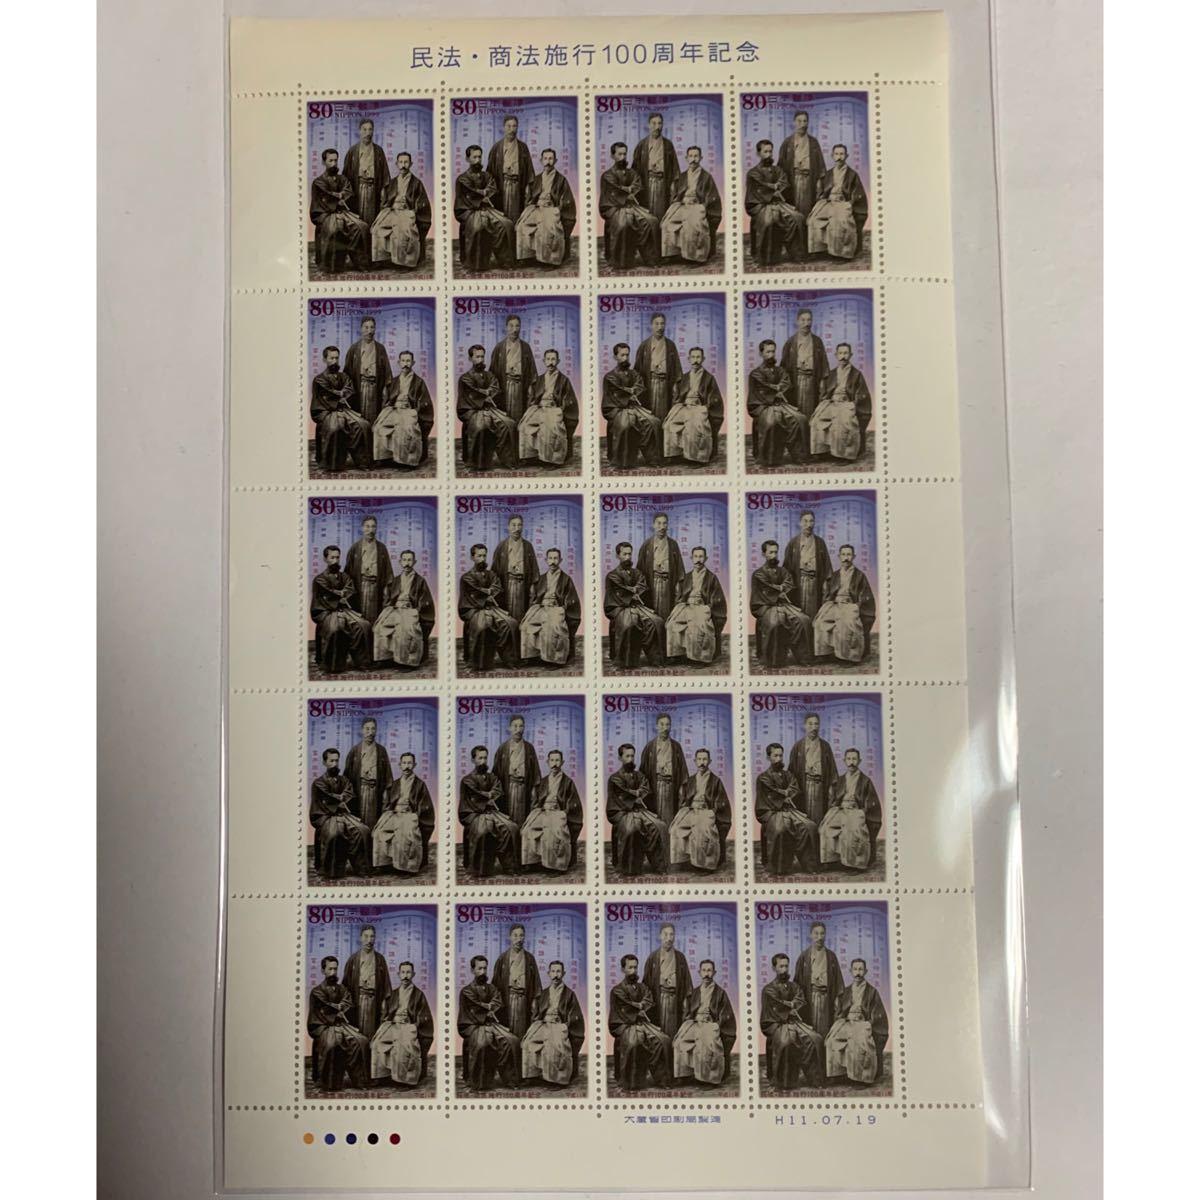 民法・商法施行100周年記念 切手 切手シート 日本切手 記念切手